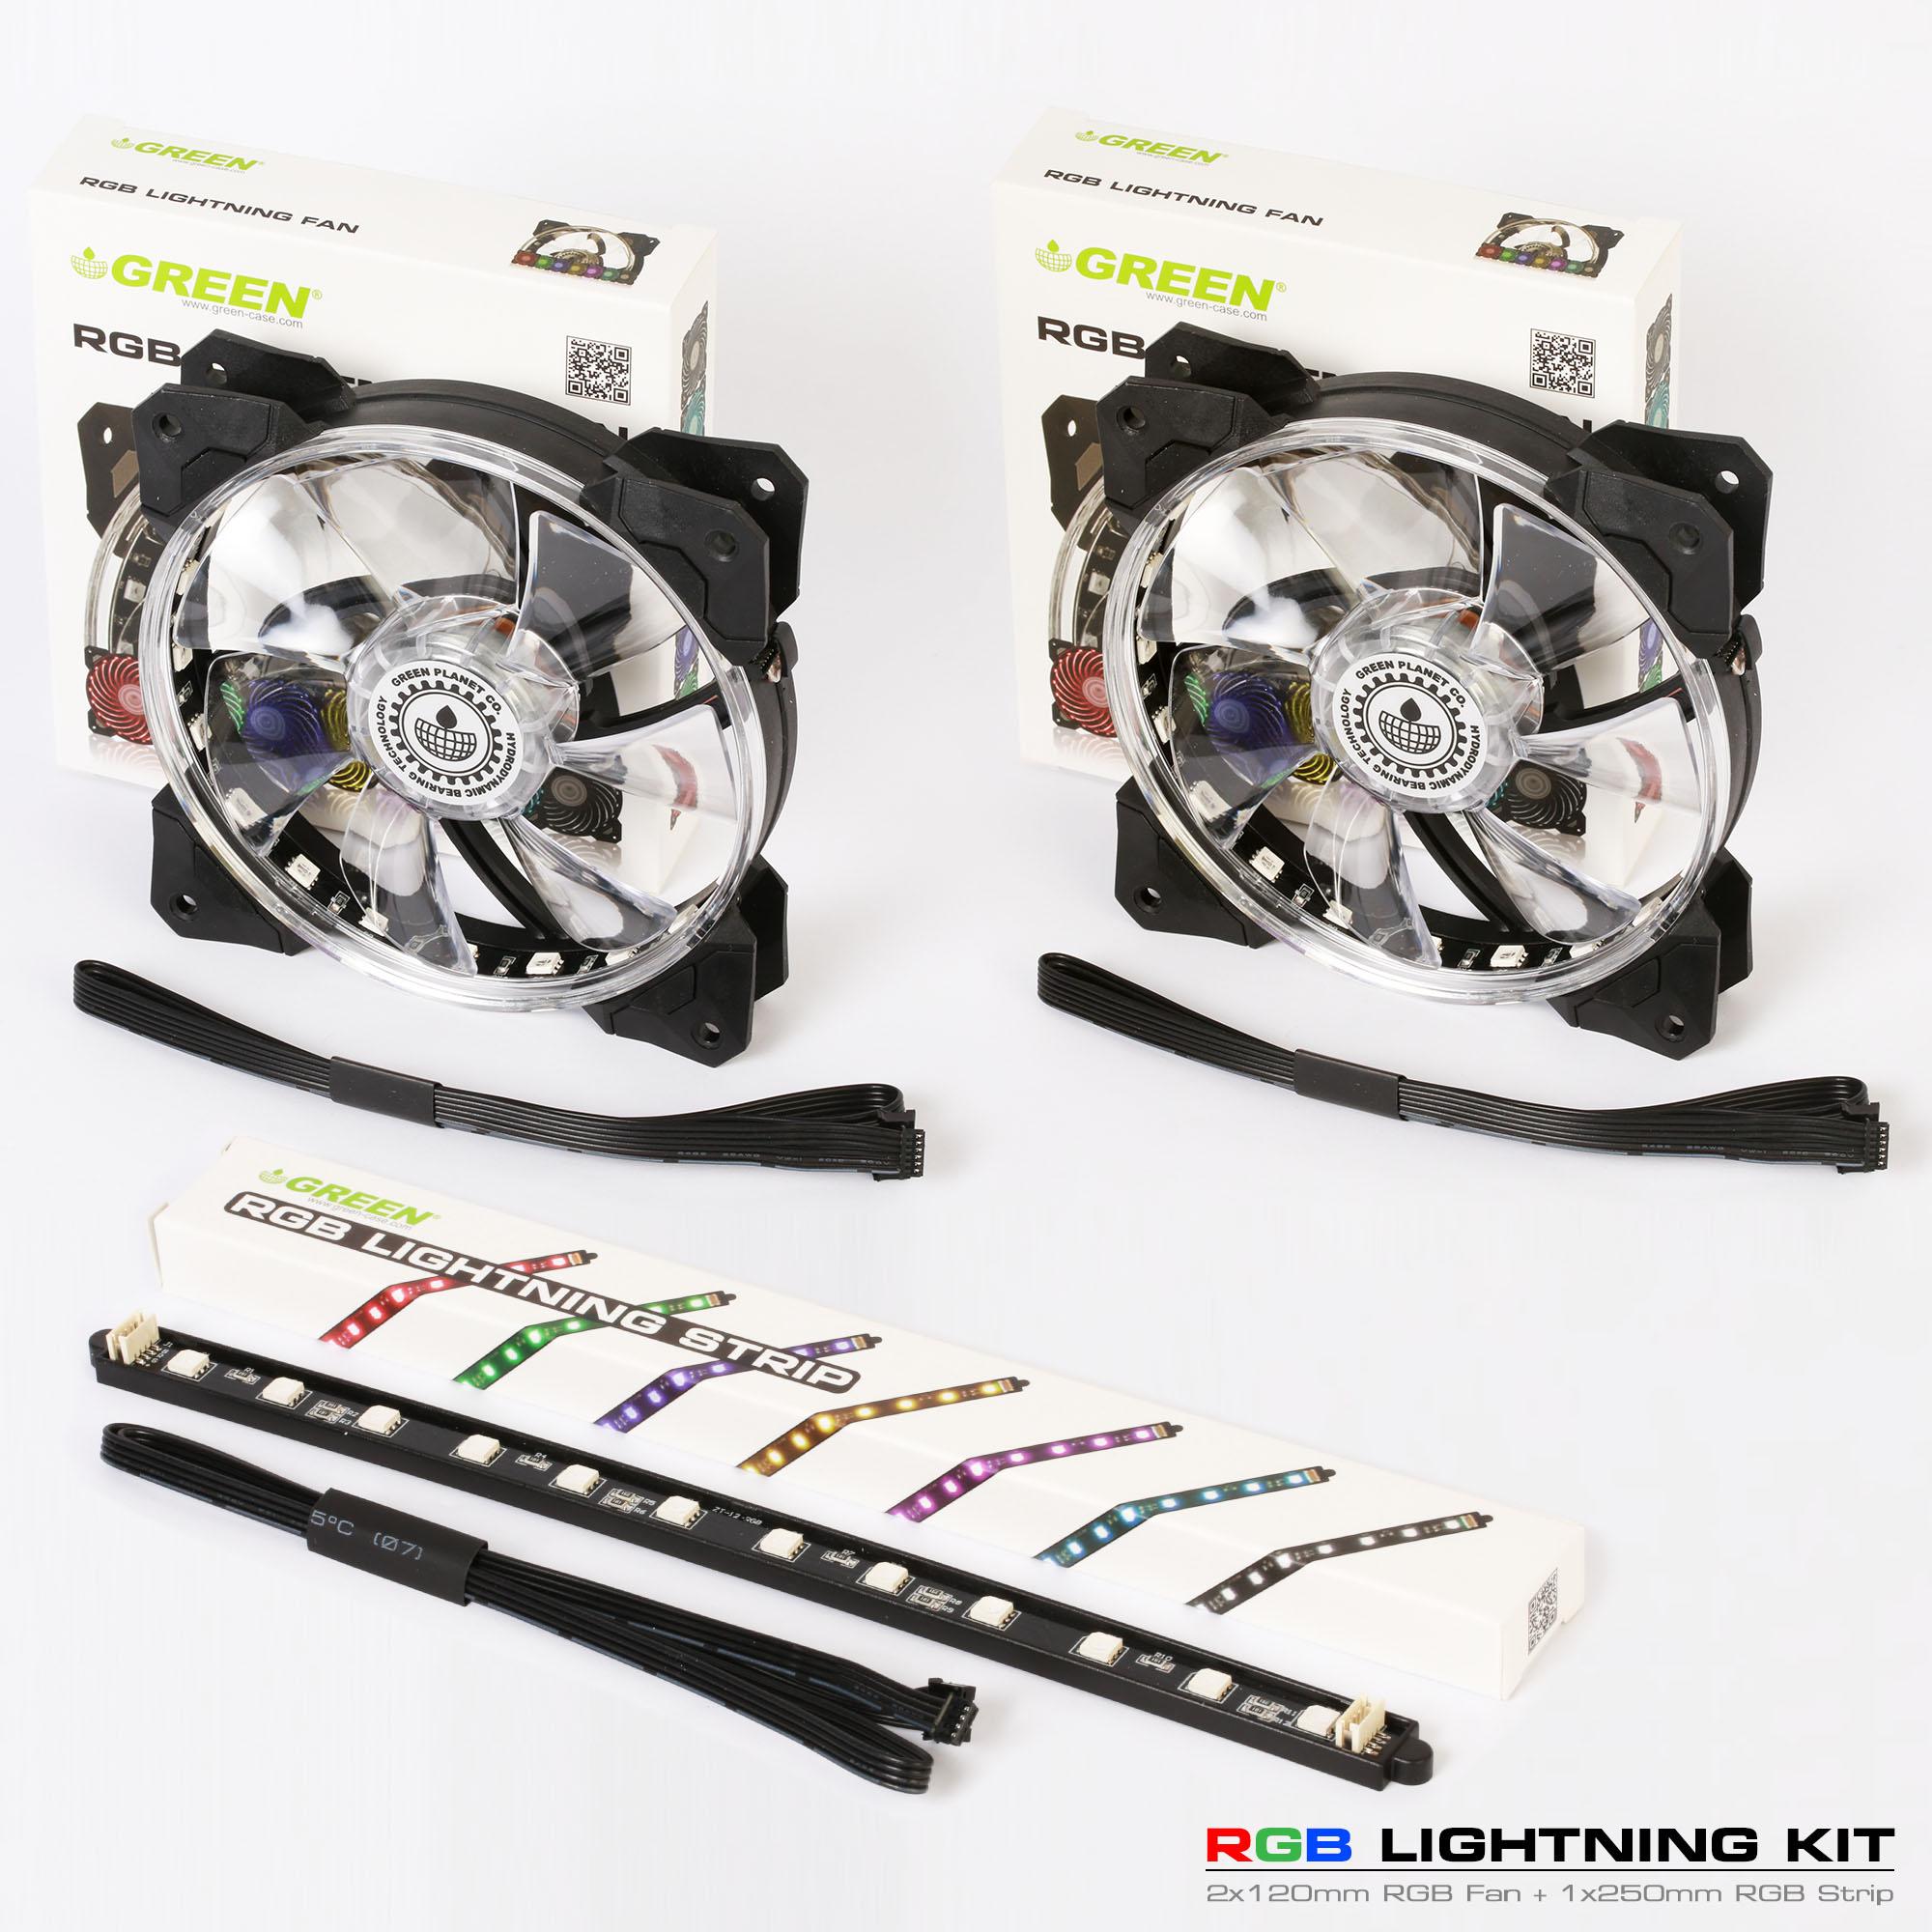 کیت آر جی بی گرین RGB Lightning Kit